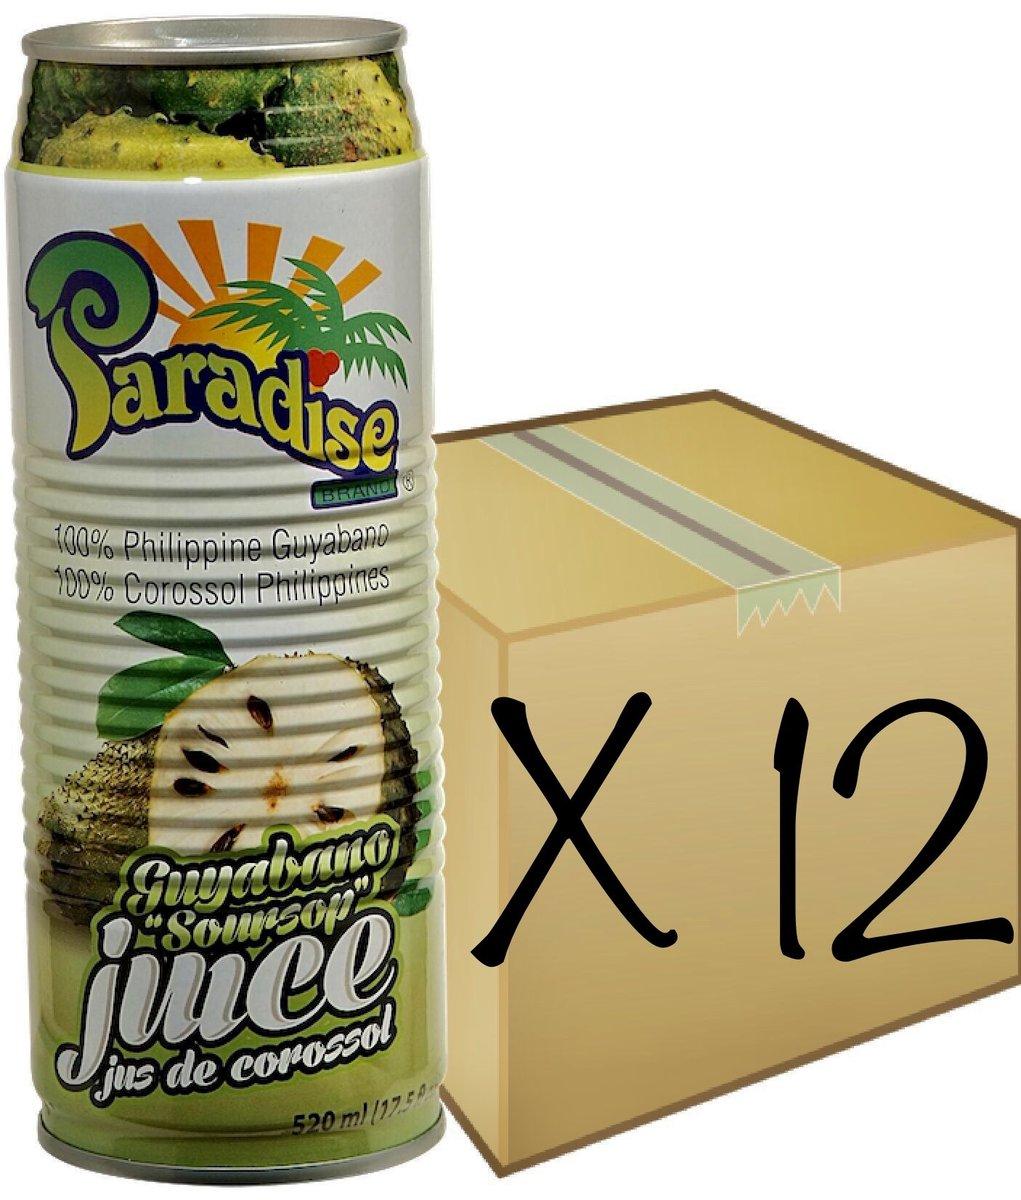 [FULL CASE] Guyabano Juice